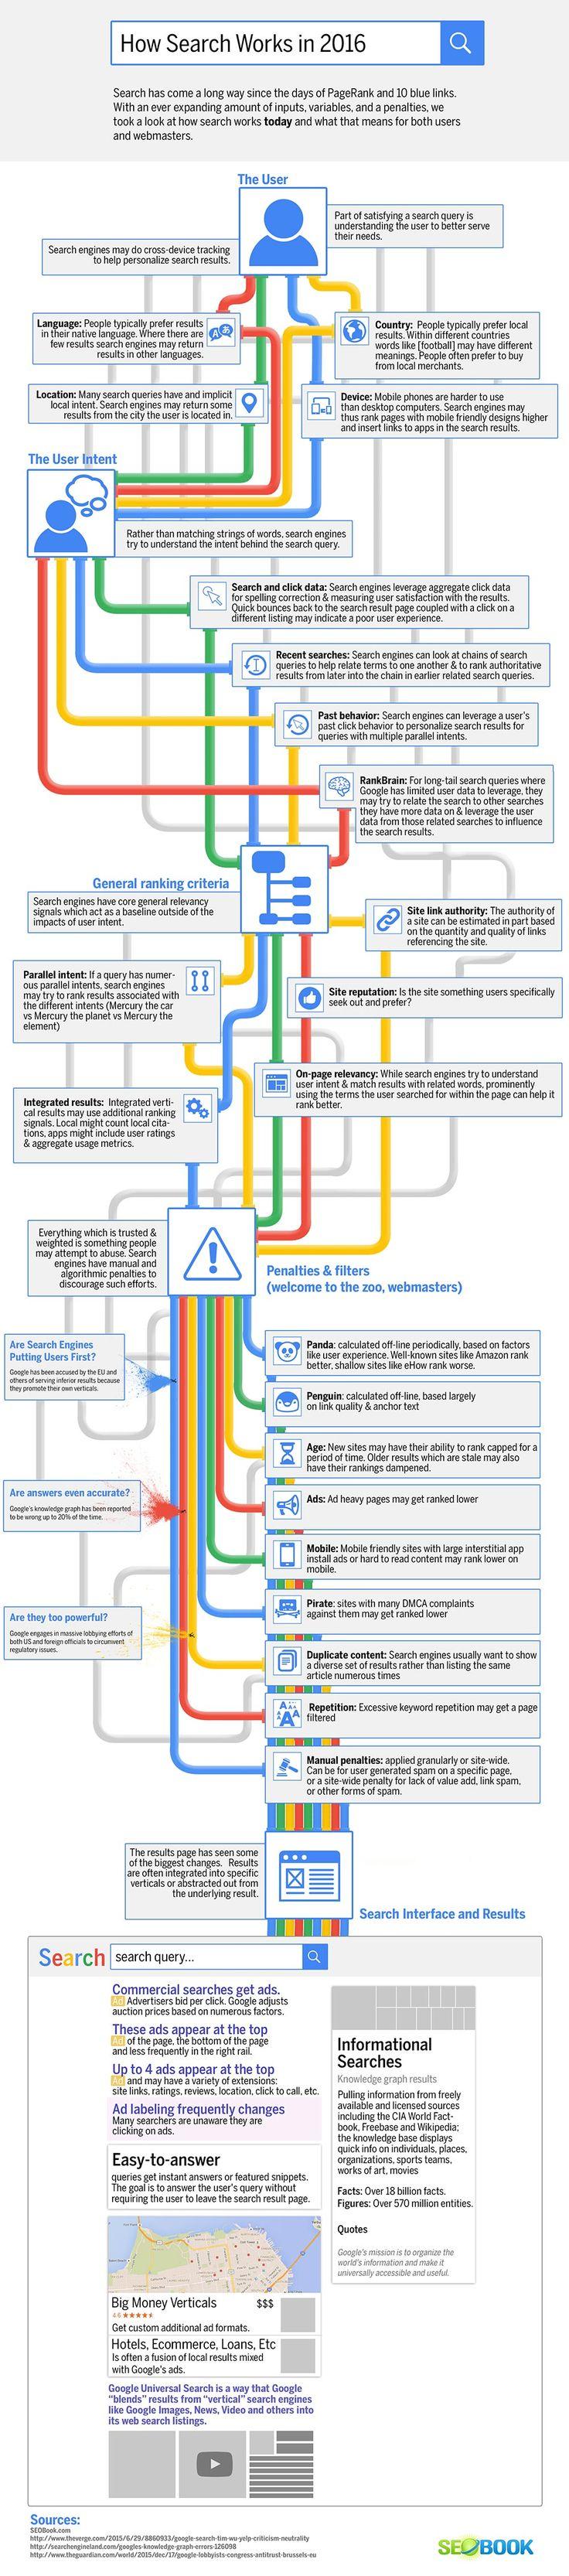 29 janvier 2016 - Une infographie qui nous explique les méandres d'un moteur de recherche comme Google à l'heure actuelle : une visualisation simple et didactique pour un su par Actualité Abondance